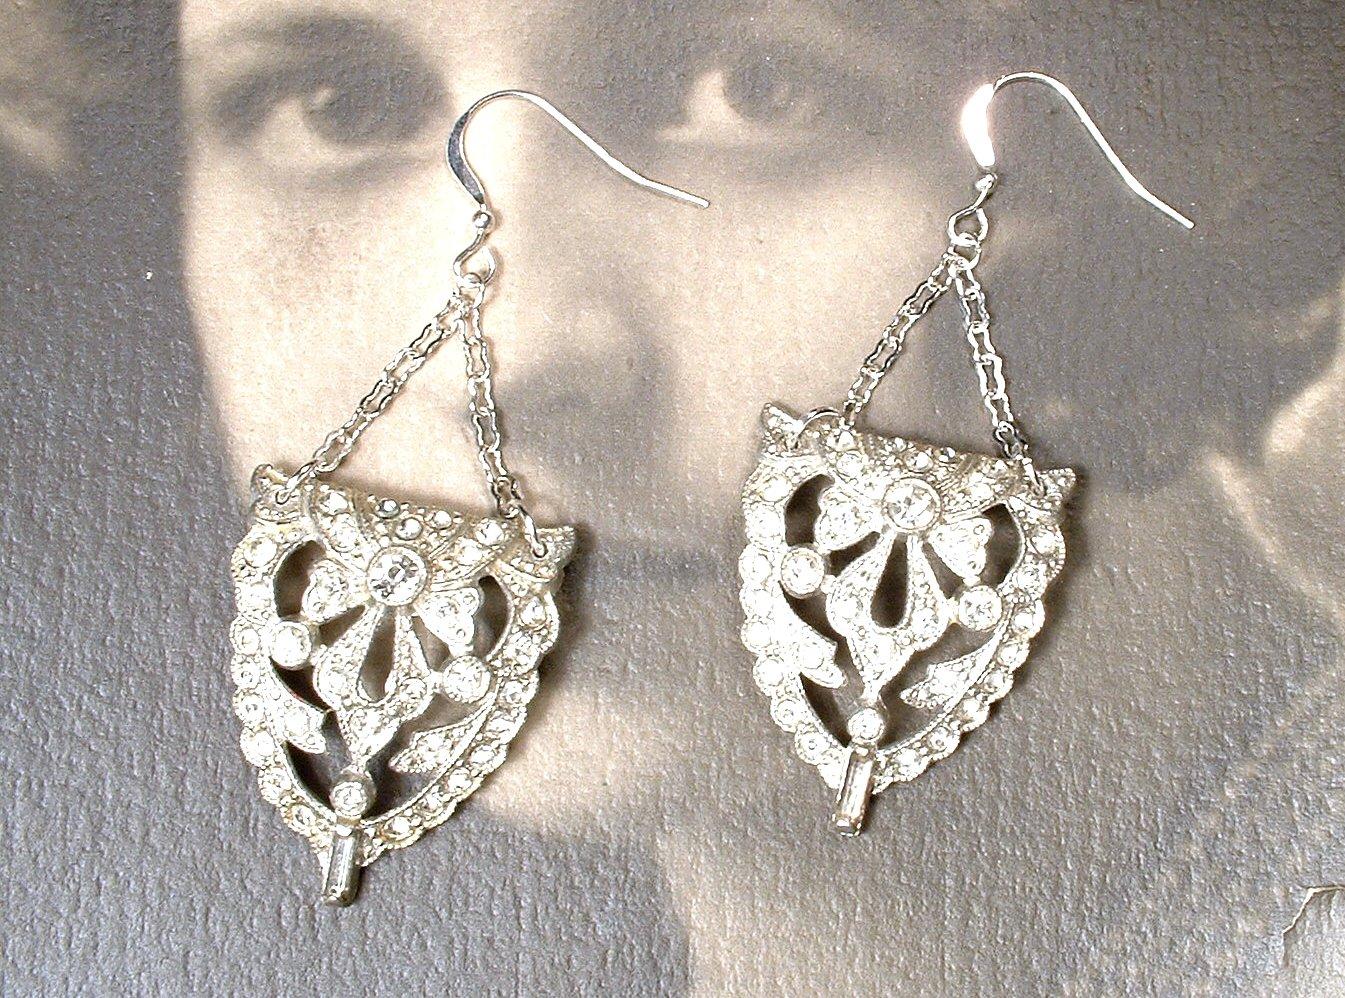 BREATHTAKING Vintage Authentic 1920s Art Deco Rhinestone earrings silver tone pot metal Flapper screw back earrings GATSBY wedding